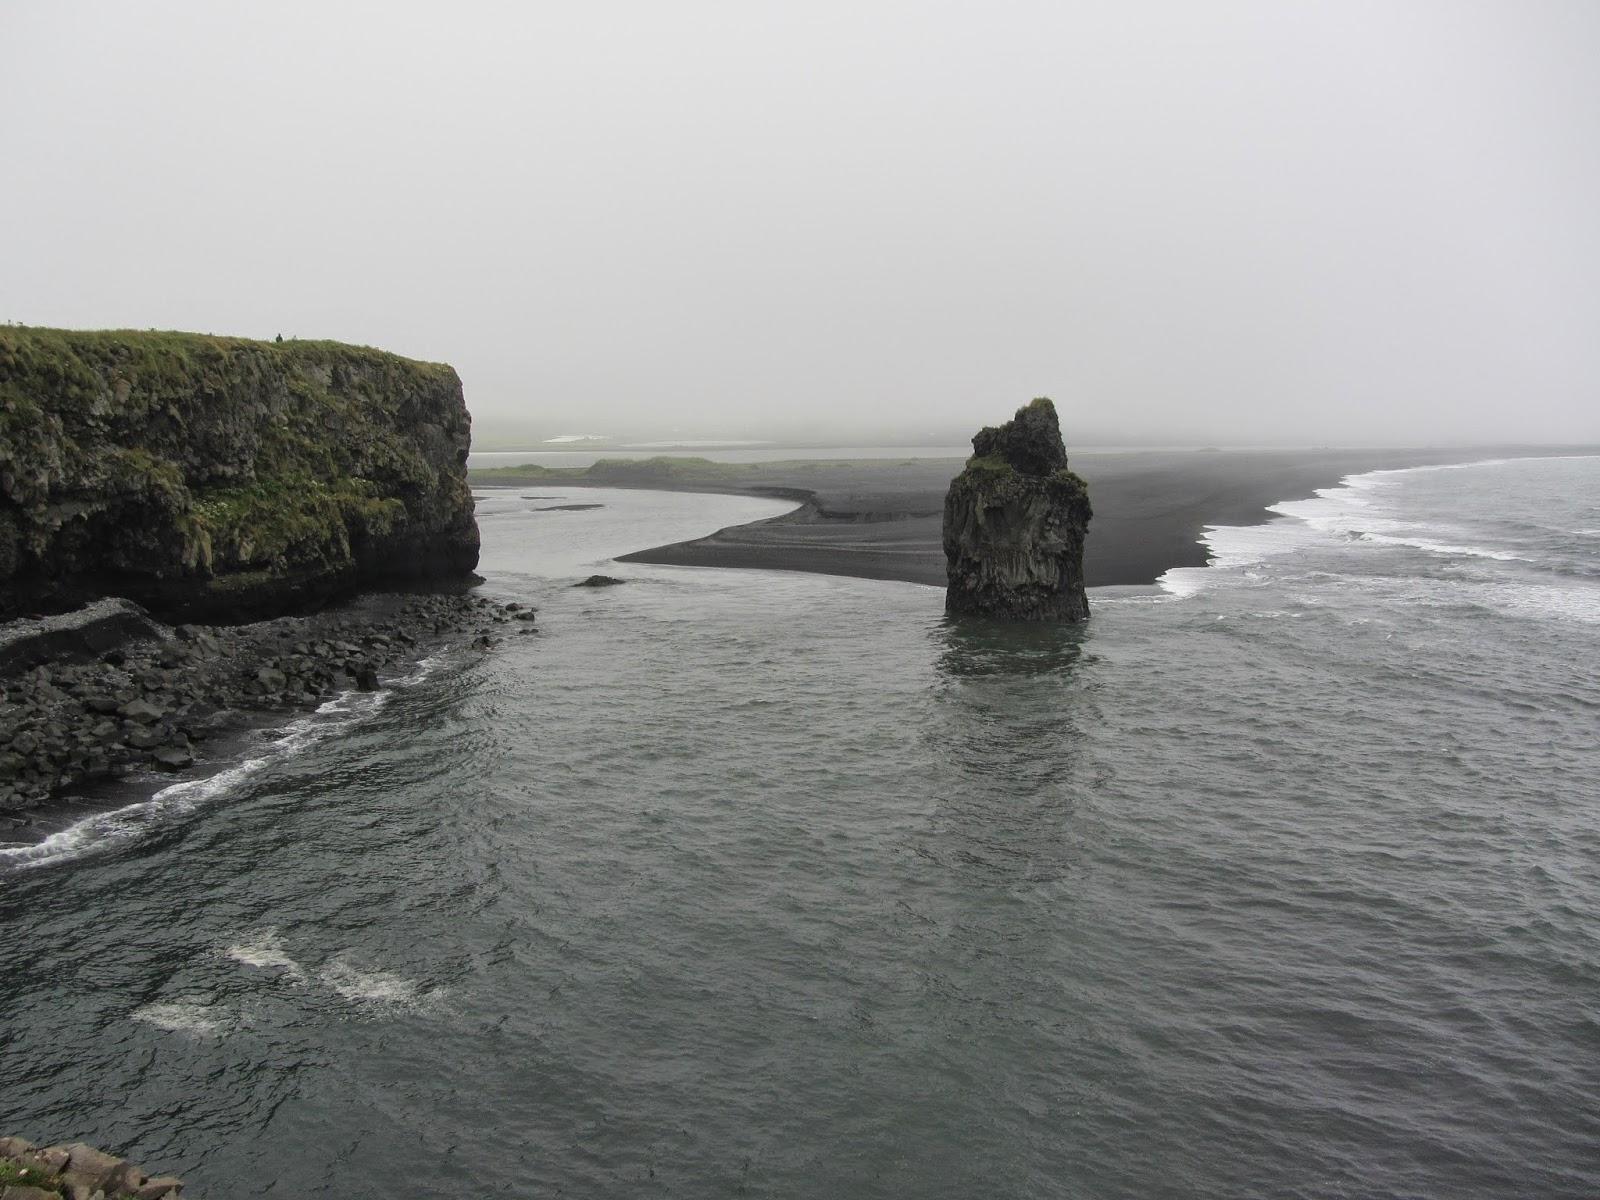 Visitar o SUL DA ISLÂNDIA - De Hvolsvollur a Skaftafell, uma viagem pelo campos de lava e quedas de água | Islândia